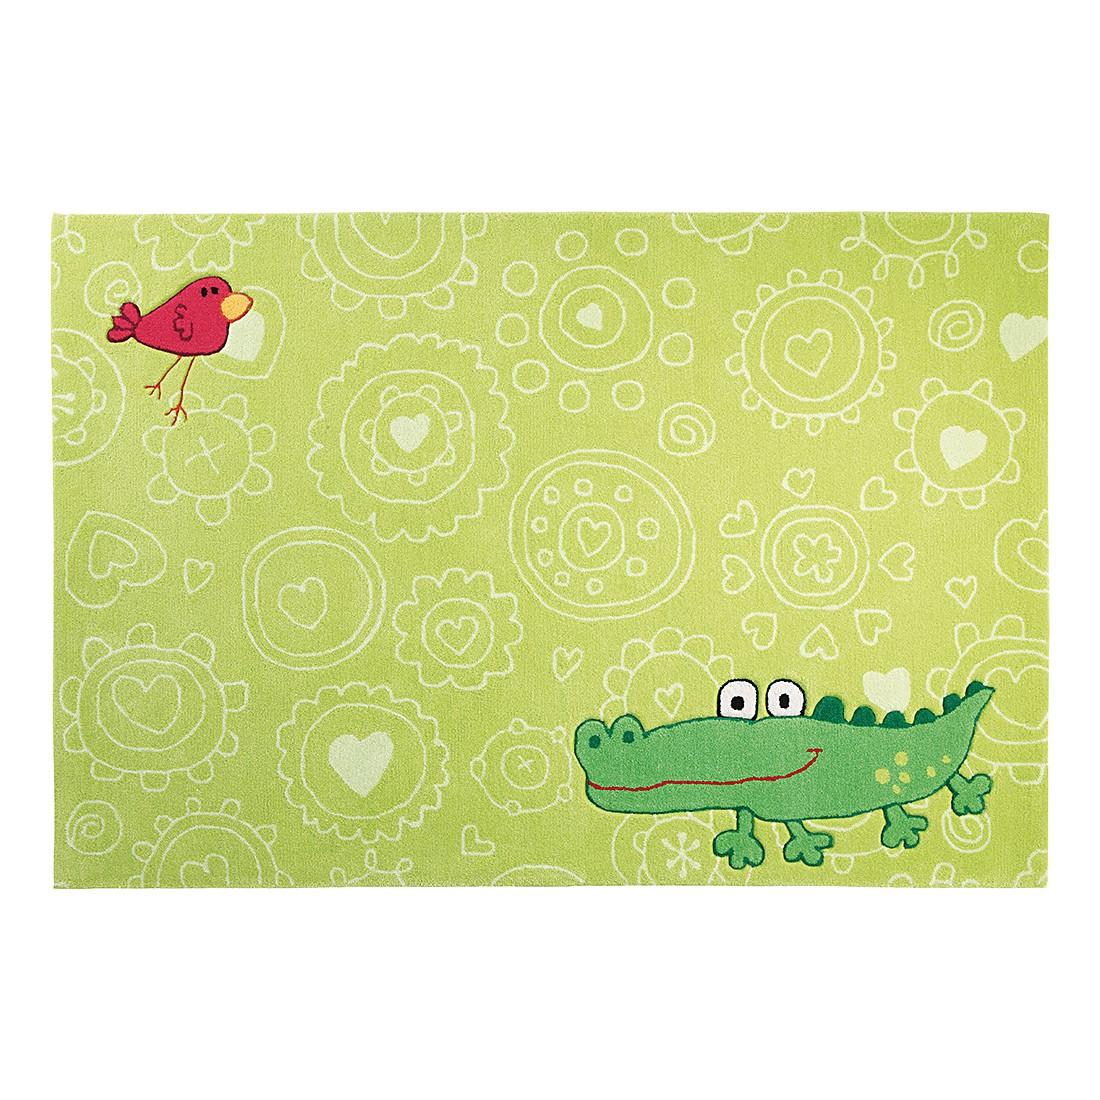 Tapijt Sigikid Crocodile Happy Zoo Big Size groen   120x180cm_ Sigikid